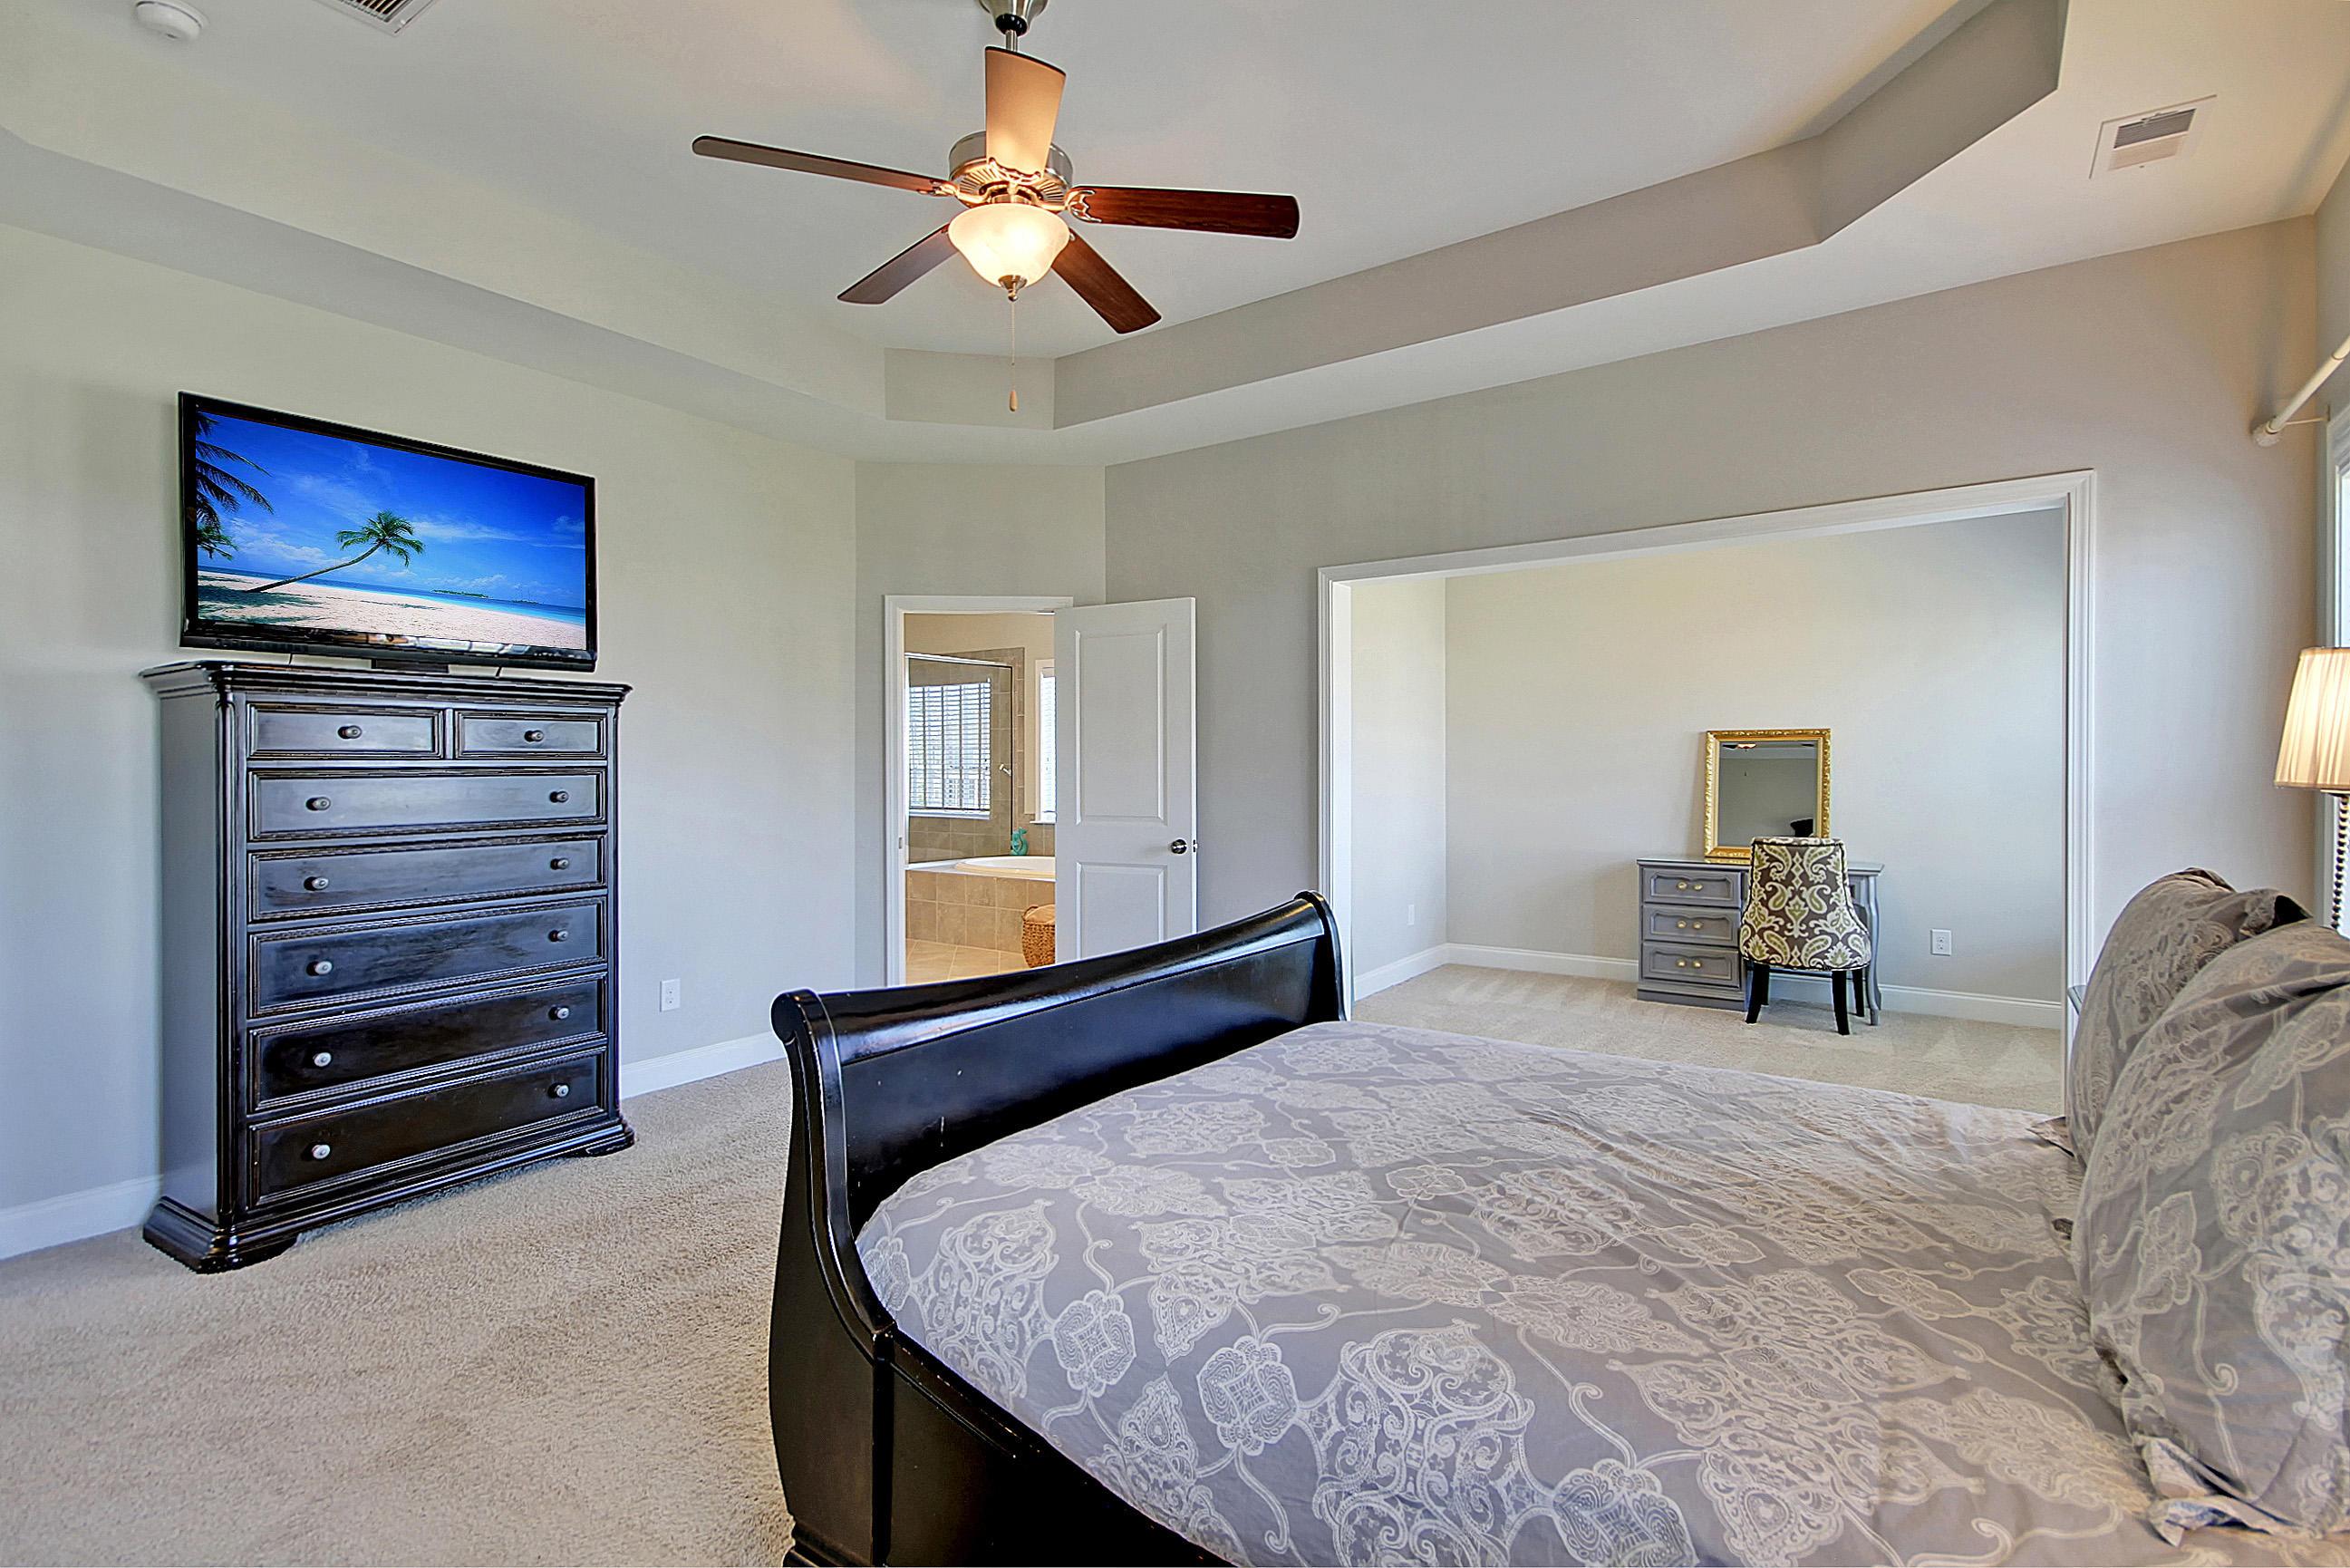 Dunes West Homes For Sale - 1420 Trip Line, Mount Pleasant, SC - 24